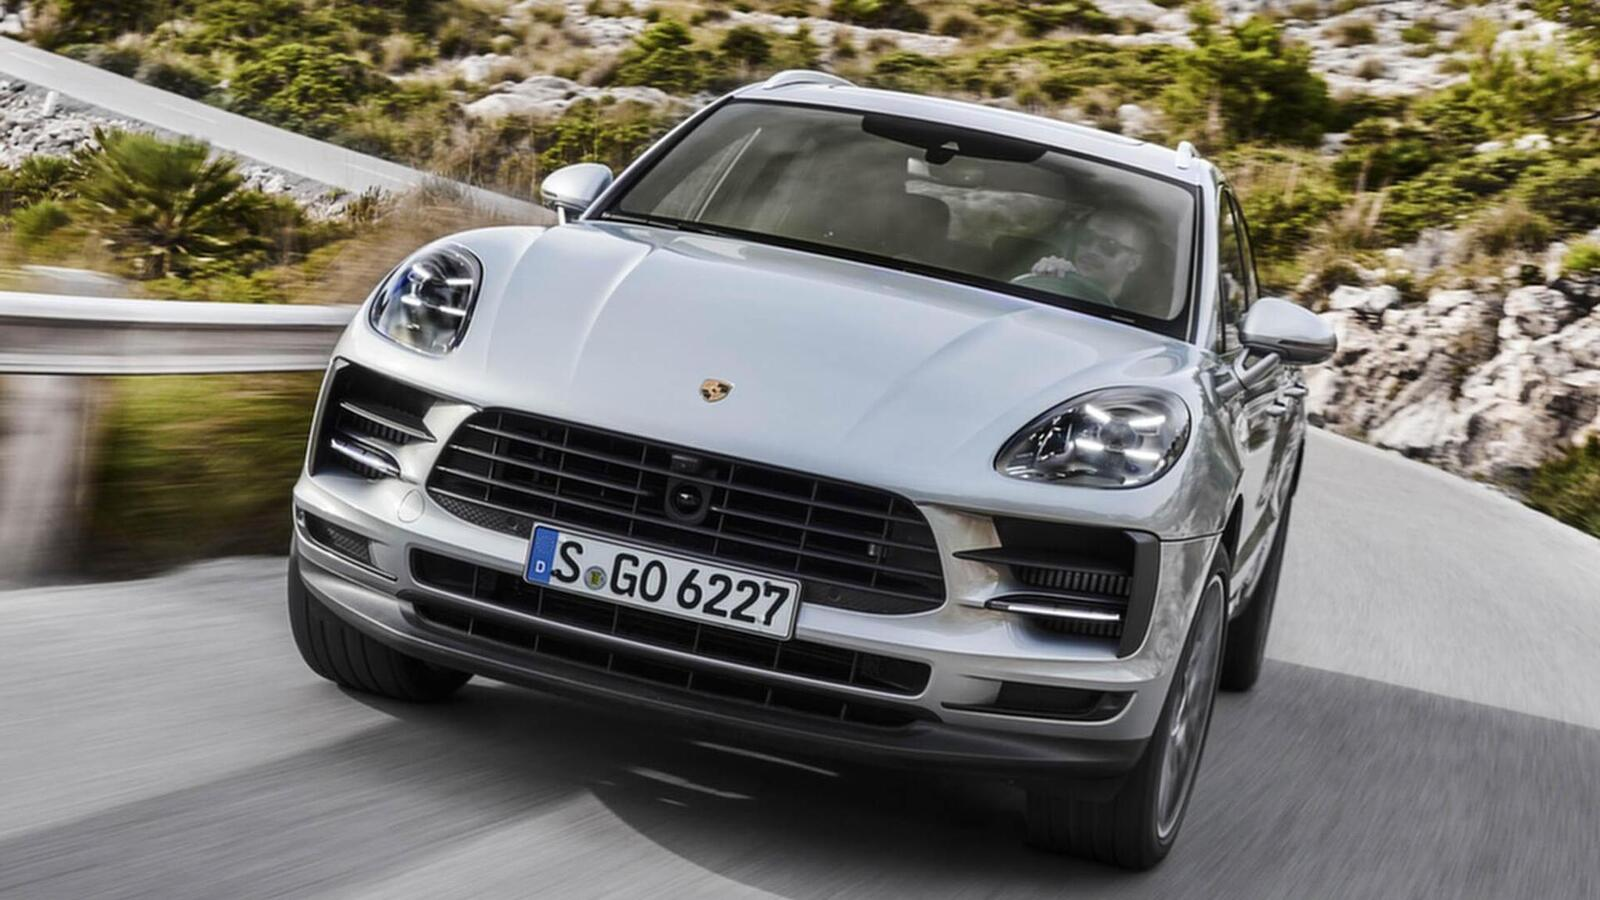 Porsche Macan S 2019 có giá 3,62 tỷ đồng tại Việt Nam; lắp máy V6 3.0L tăng áp mạnh mẽ - Hình 1